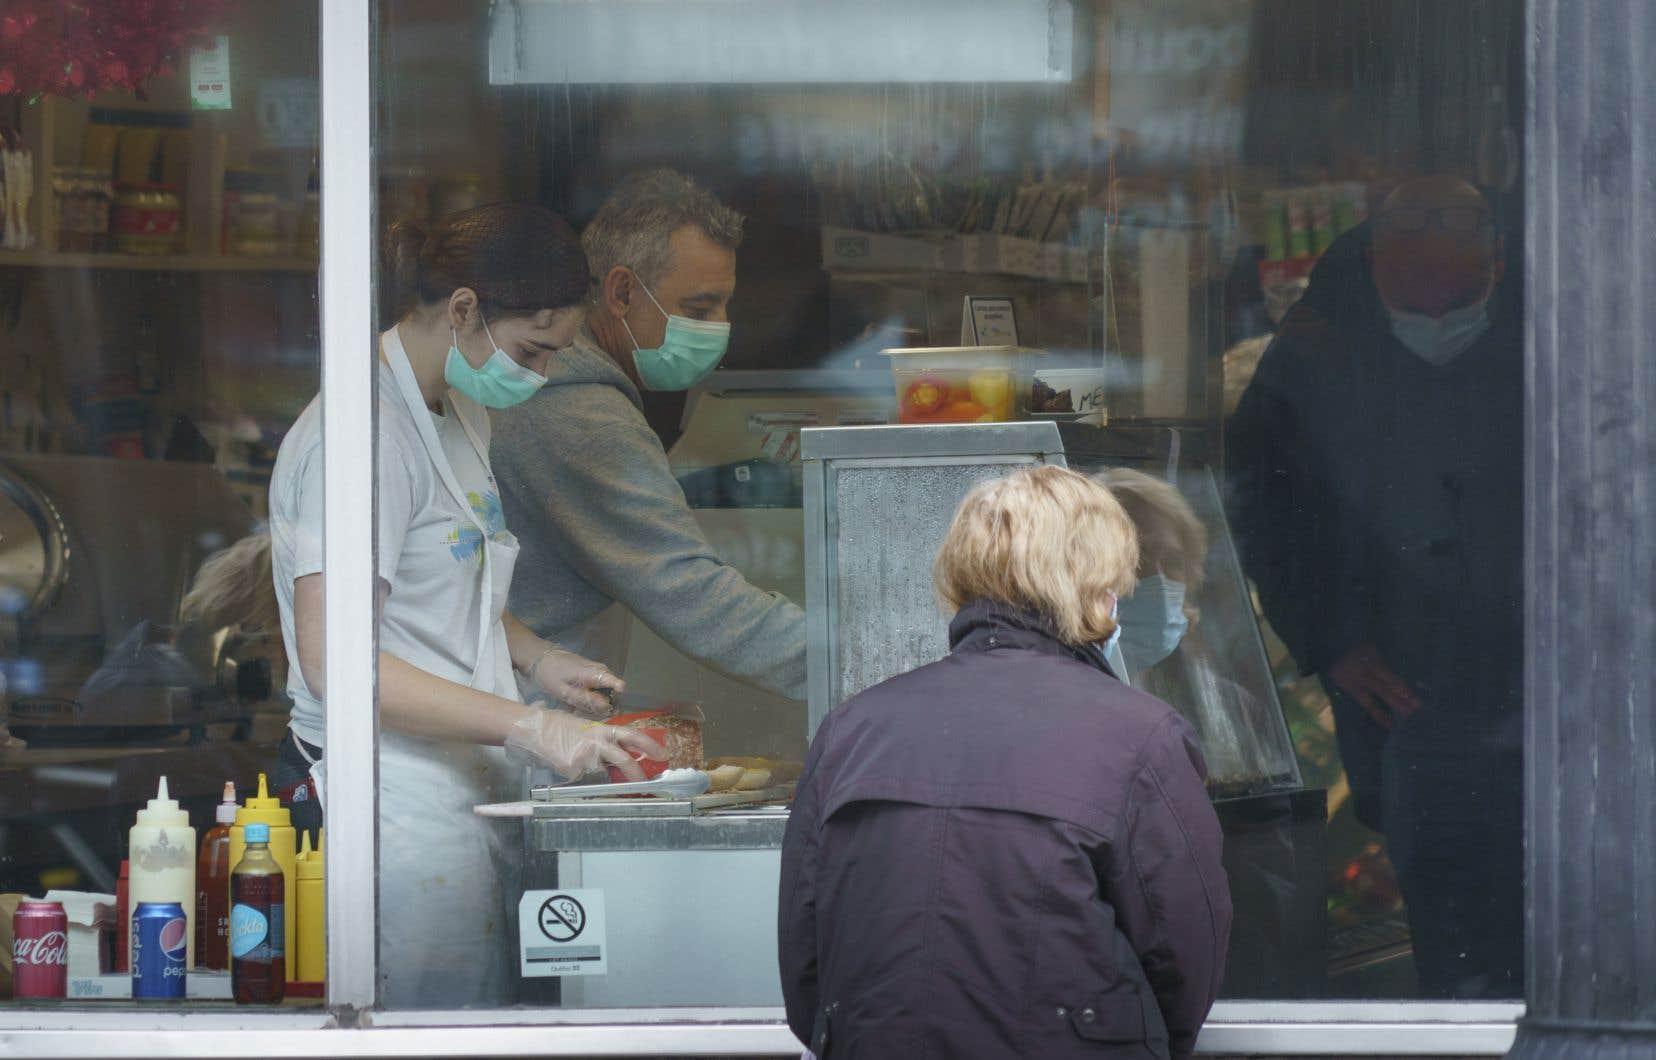 La pandémie de COVID-19 nous aura justement permis de constater à quel point des milliers de travailleurs jugés essentiels, comme les employés dans les épiceries, n'étaient pas très bien payés.